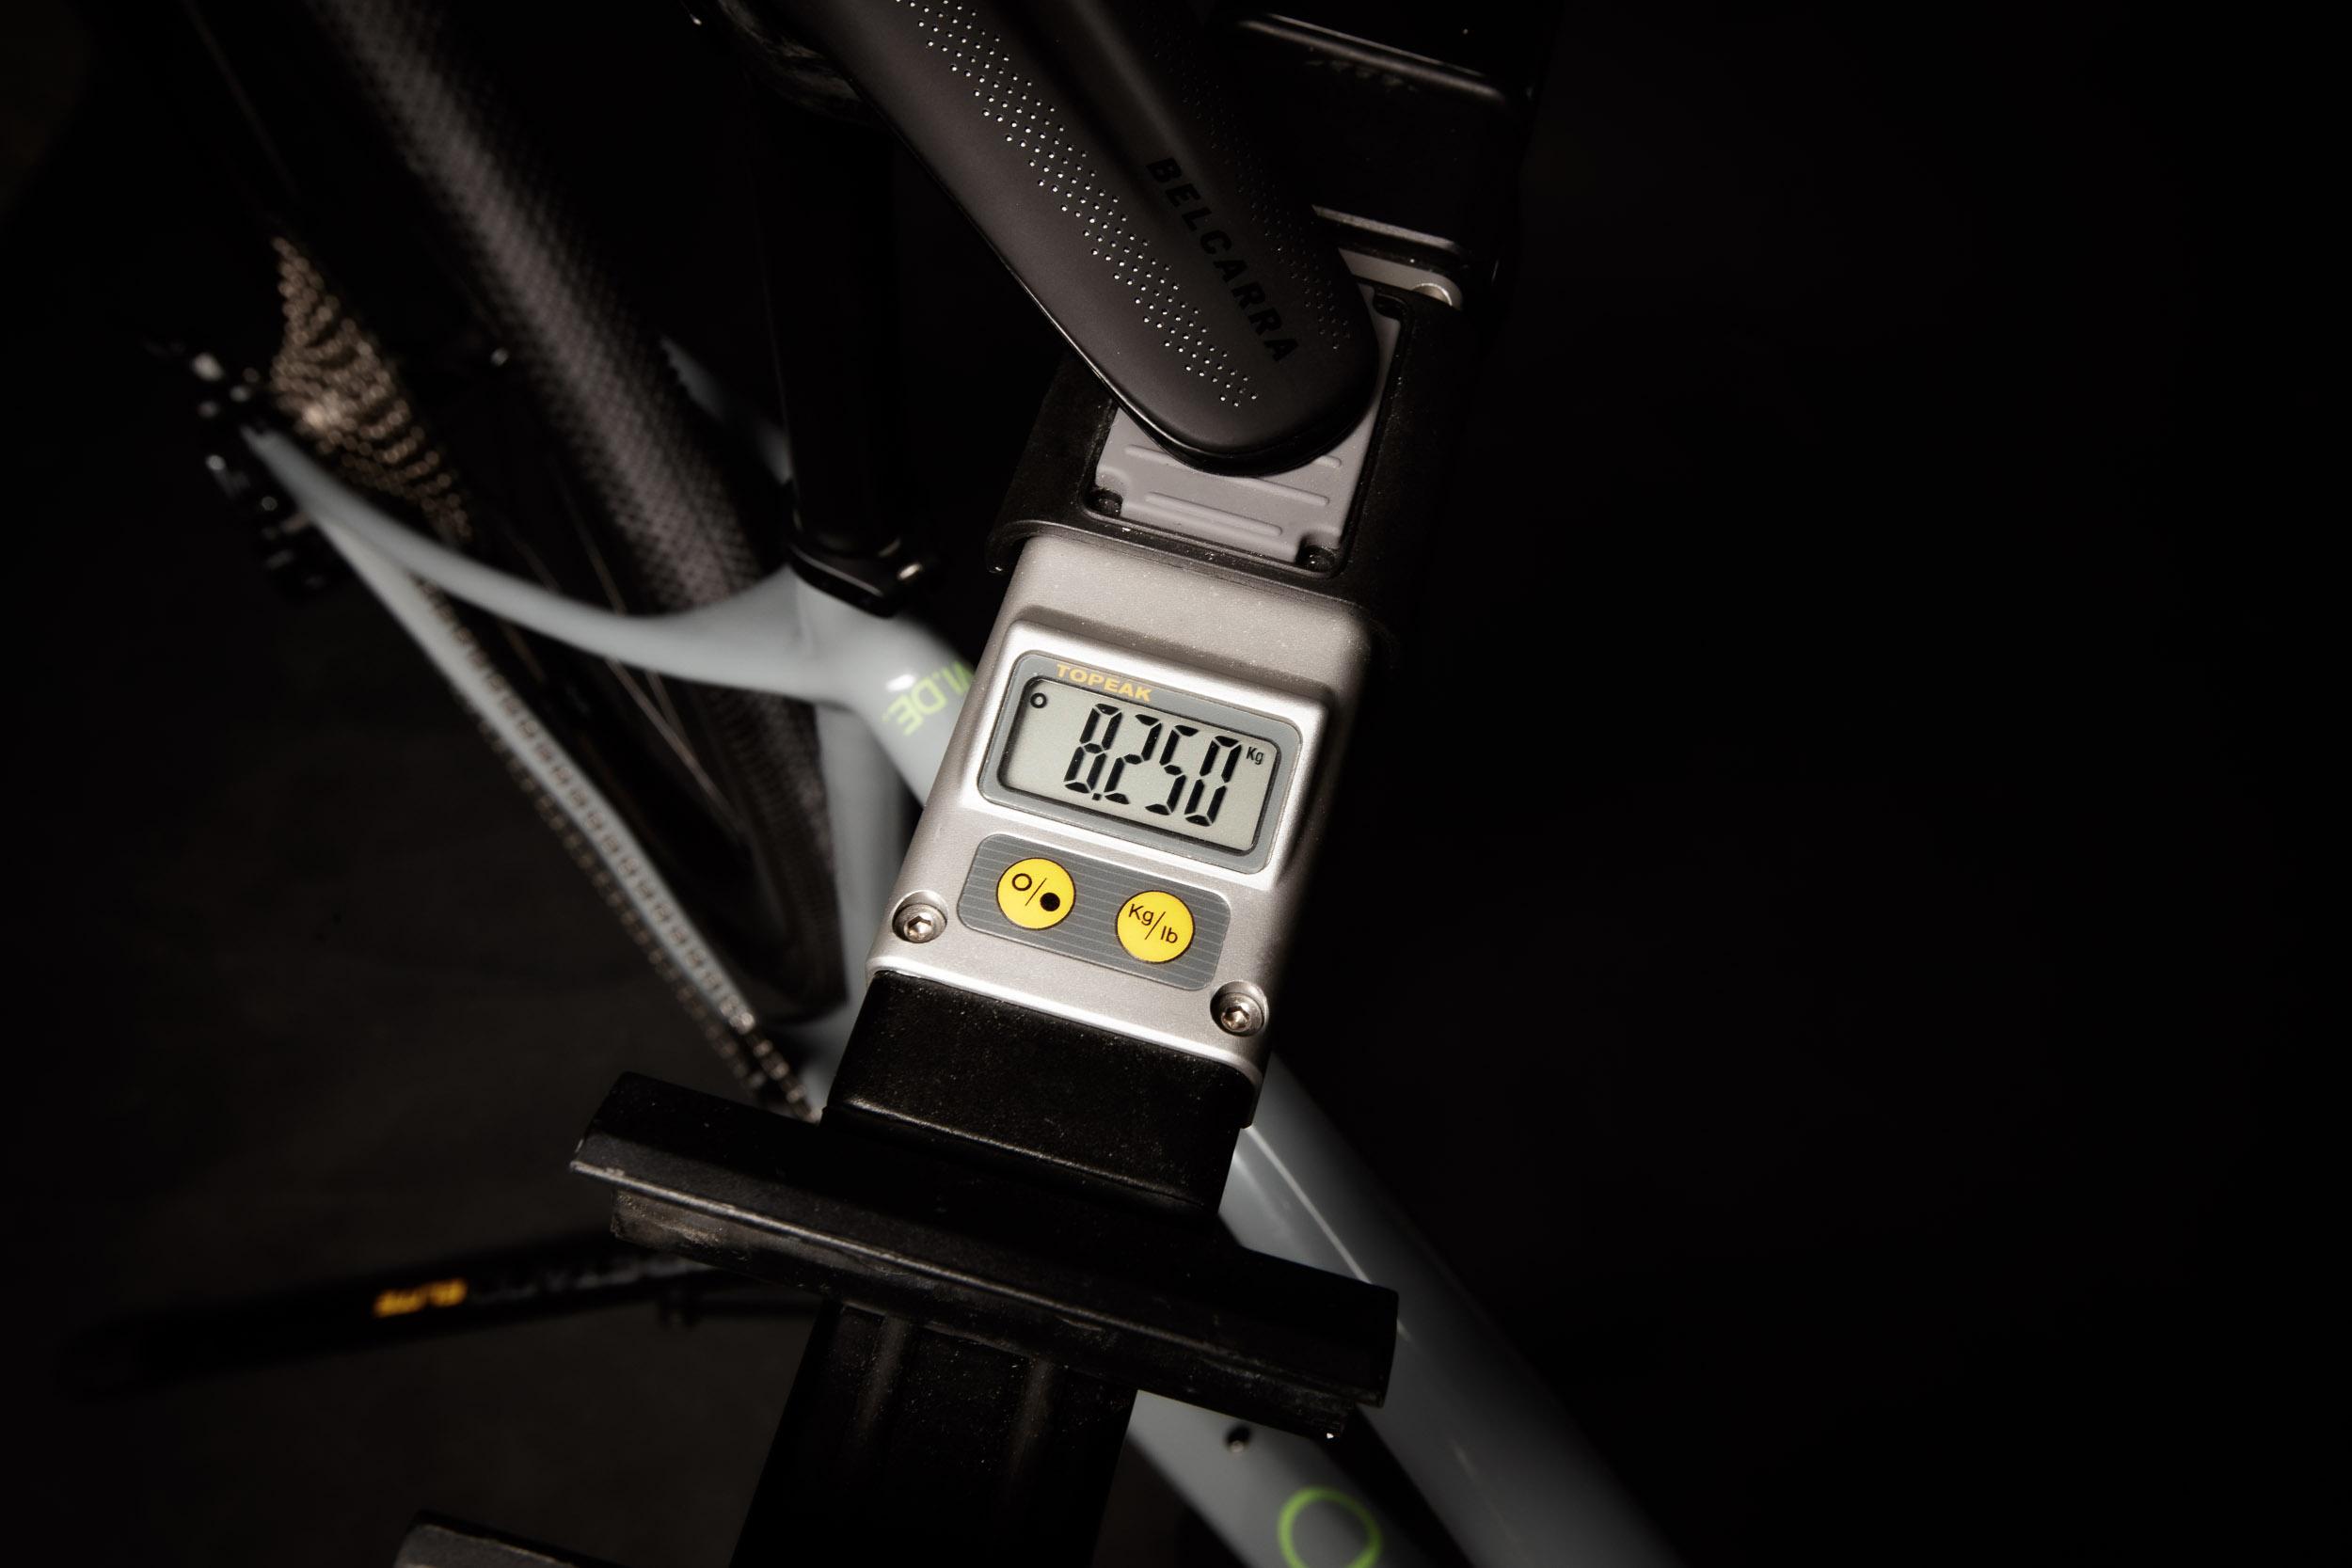 Das Gesamtgewicht von 8,25 kg (ohne Pedale) inklusive Milkit Sealant und dem Computerhalter in Größe Medium kann sich sehen lassen.